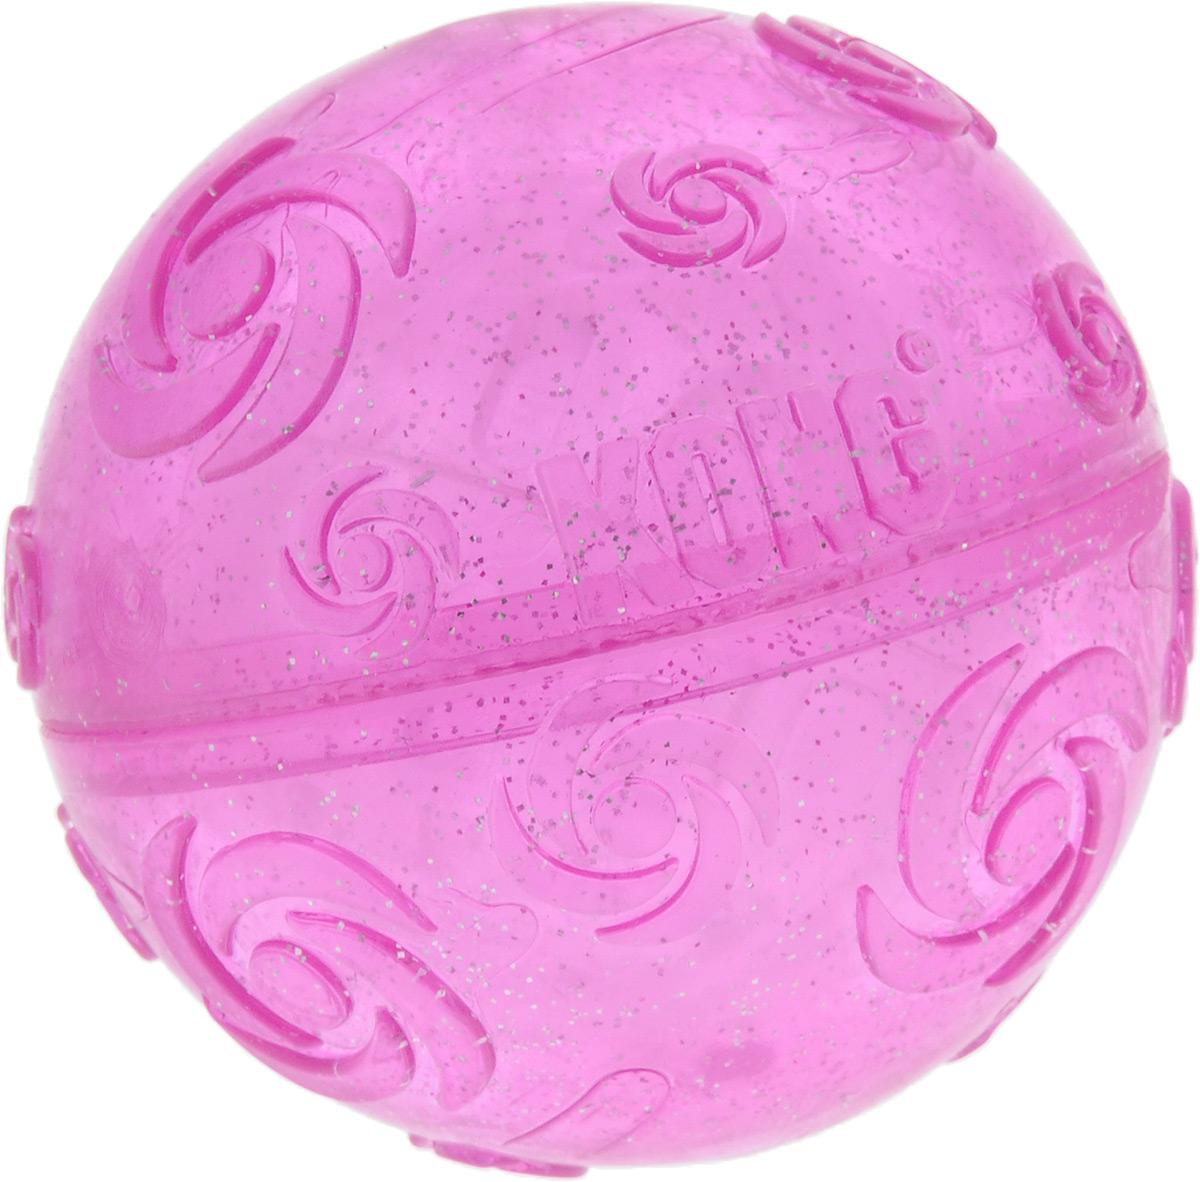 Игрушка для собак Kong Squezz Crackle, хрустящий мячик, цвет: сиреневый, диаметр 7 см игрушка для собак kong squezz crackle хрустящий мячик цвет зеленый диаметр 7 см